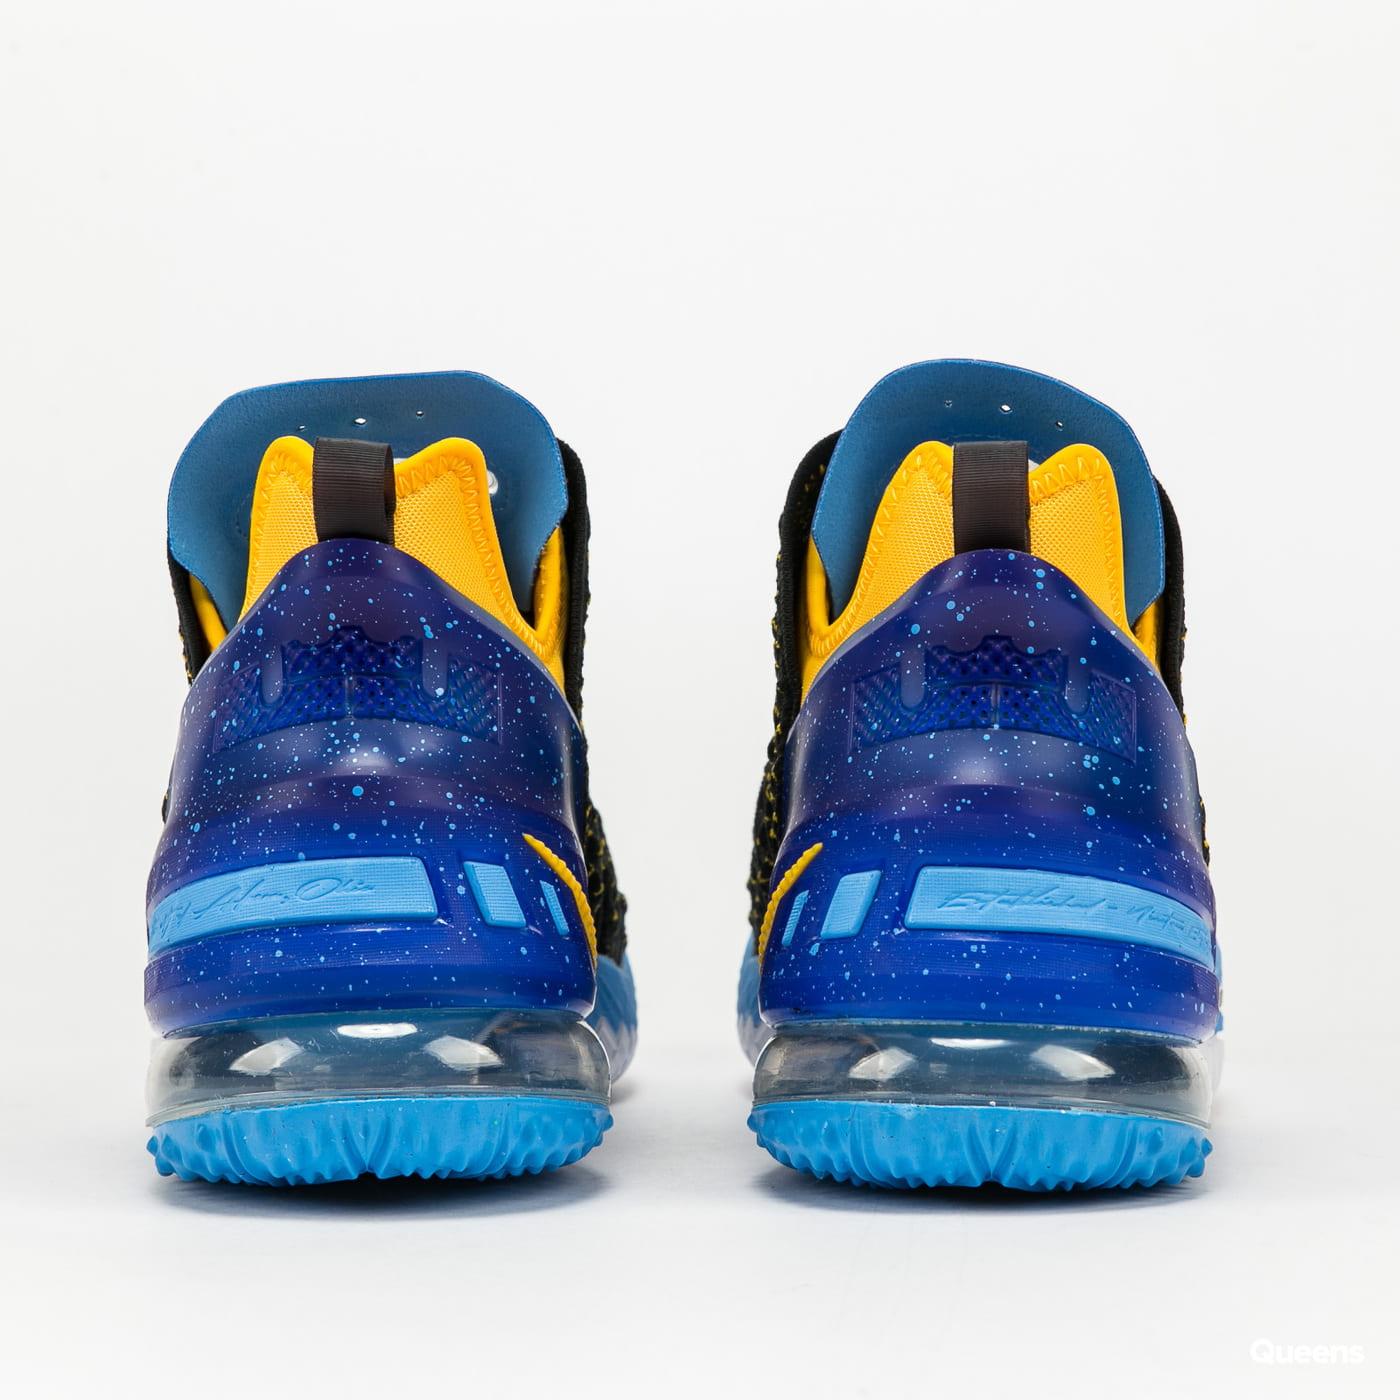 Nike Lebron XVIII black / university gold - coast